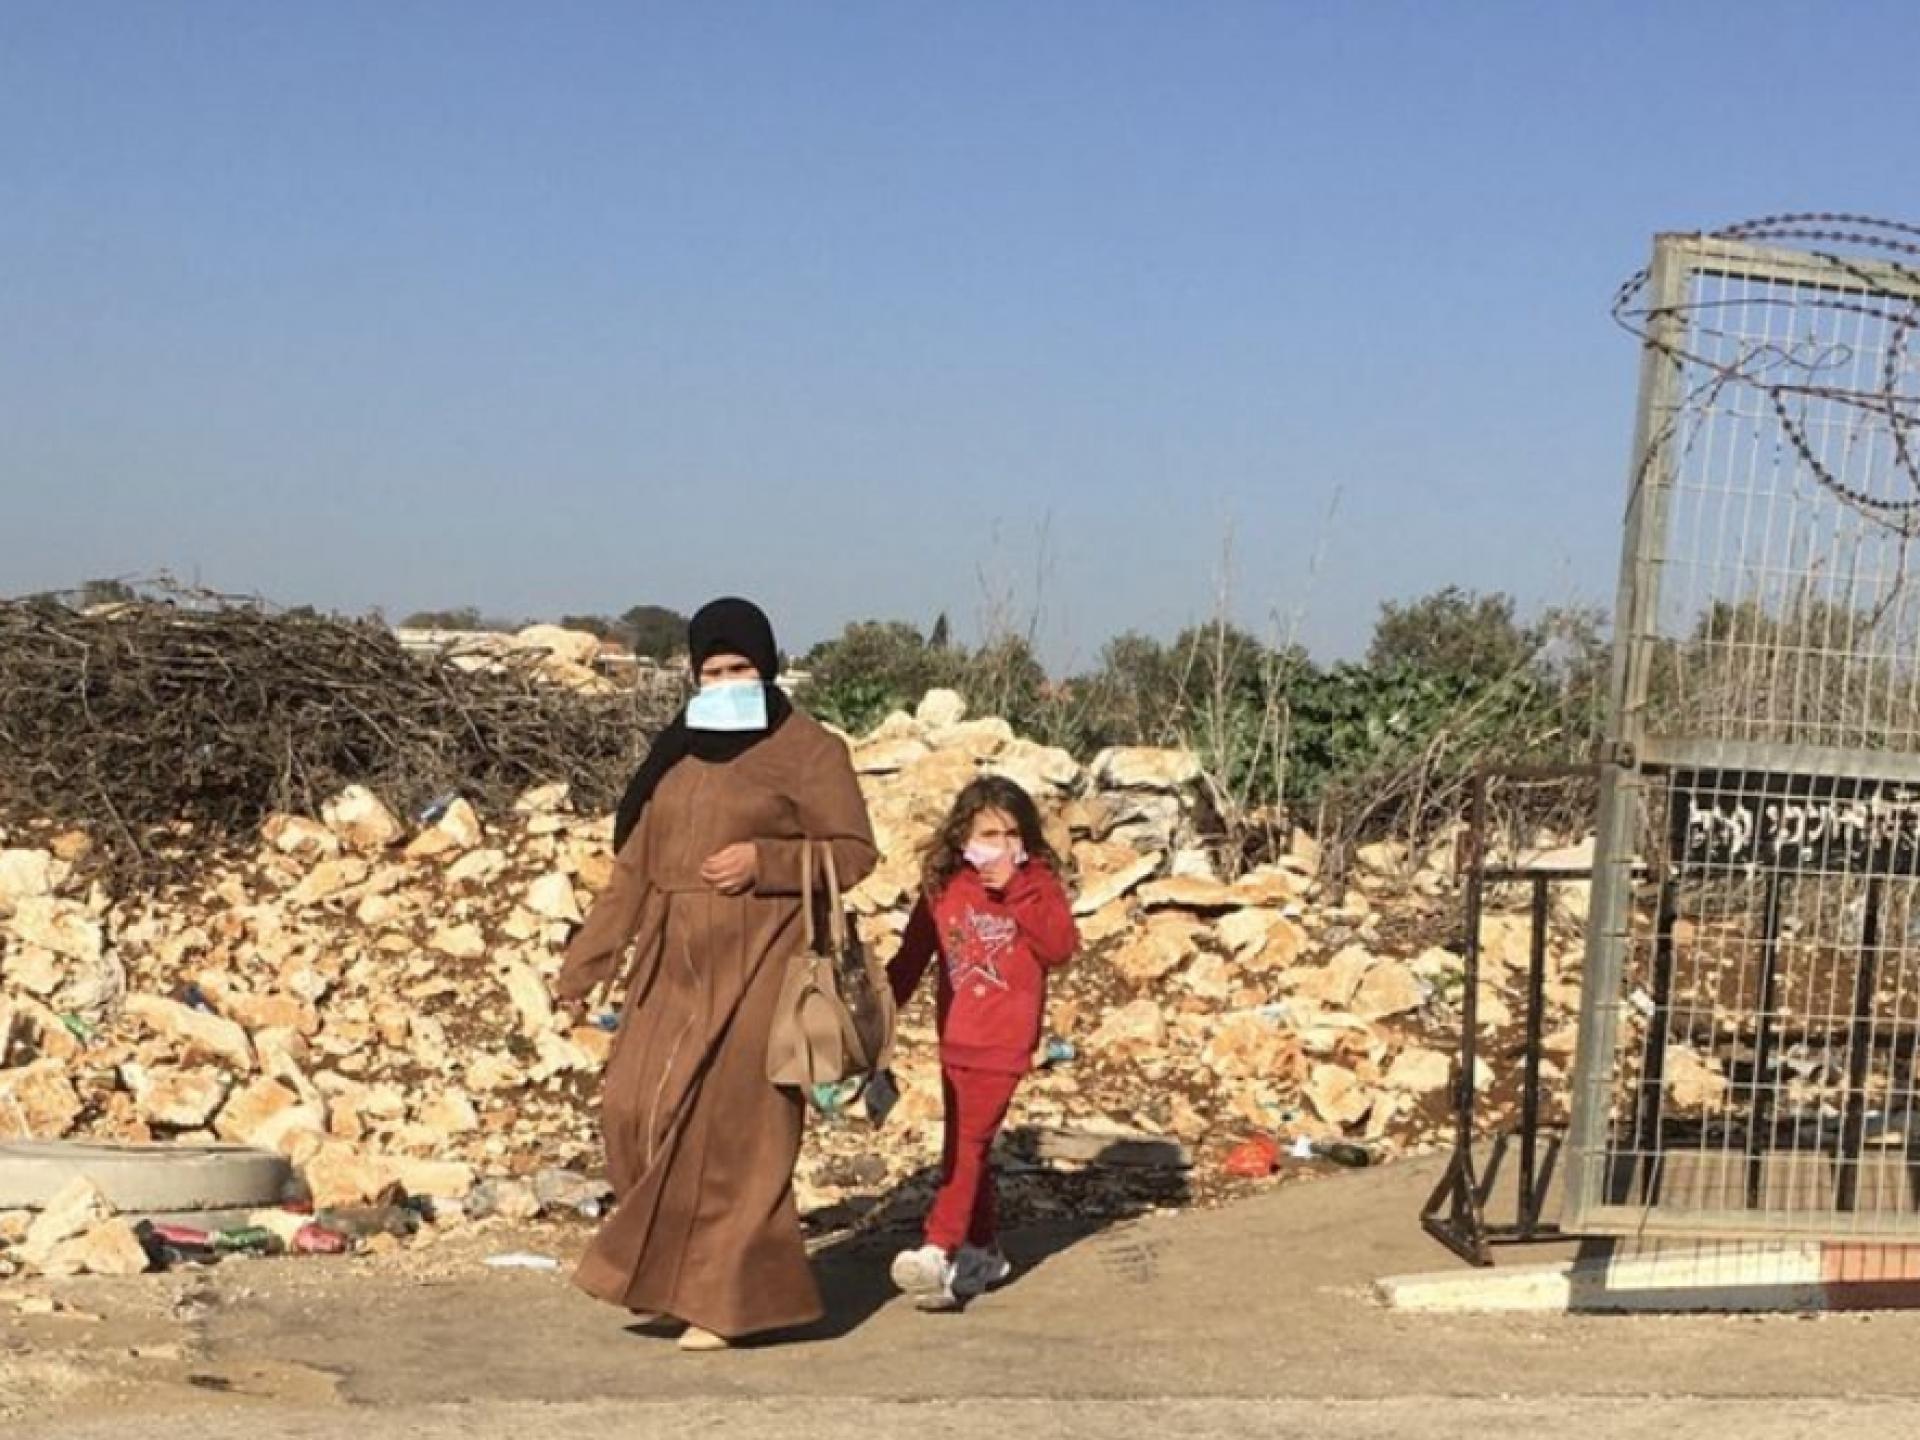 אשה וילדה יוצאות ממחסום